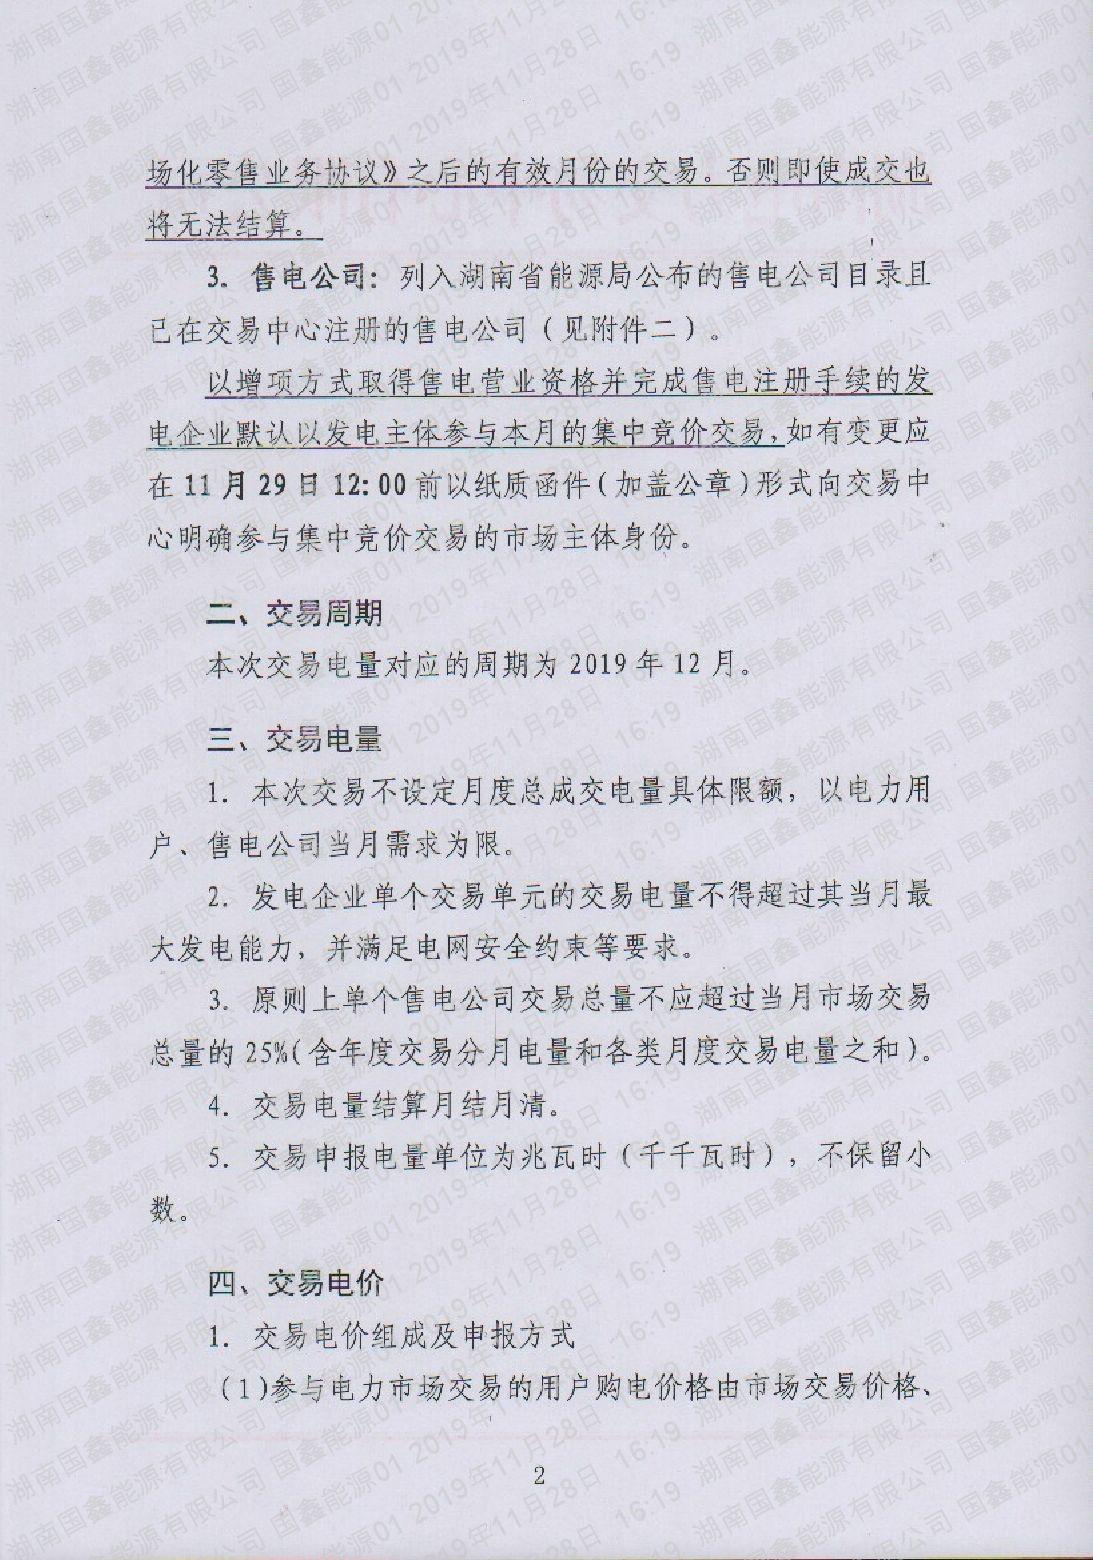 2019年第31號交易公告(12月月度交易).pdf_page_2_compressed.jpg